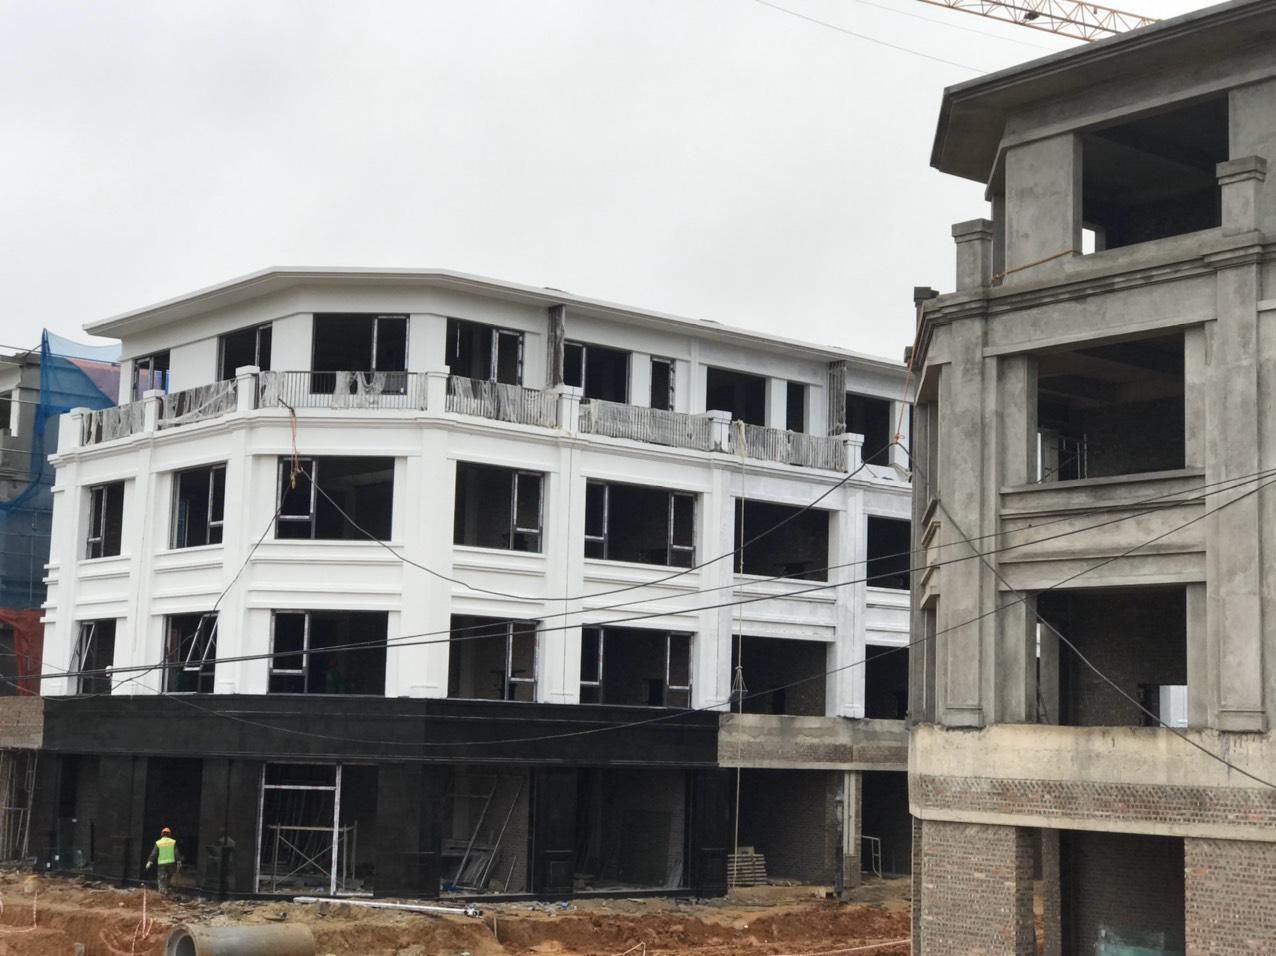 IDJ sắp triển khai GĐ2 dự án Diamond Park Lạng Sơn với tổng vốn 1.800 tỉ đồng - Ảnh 1.